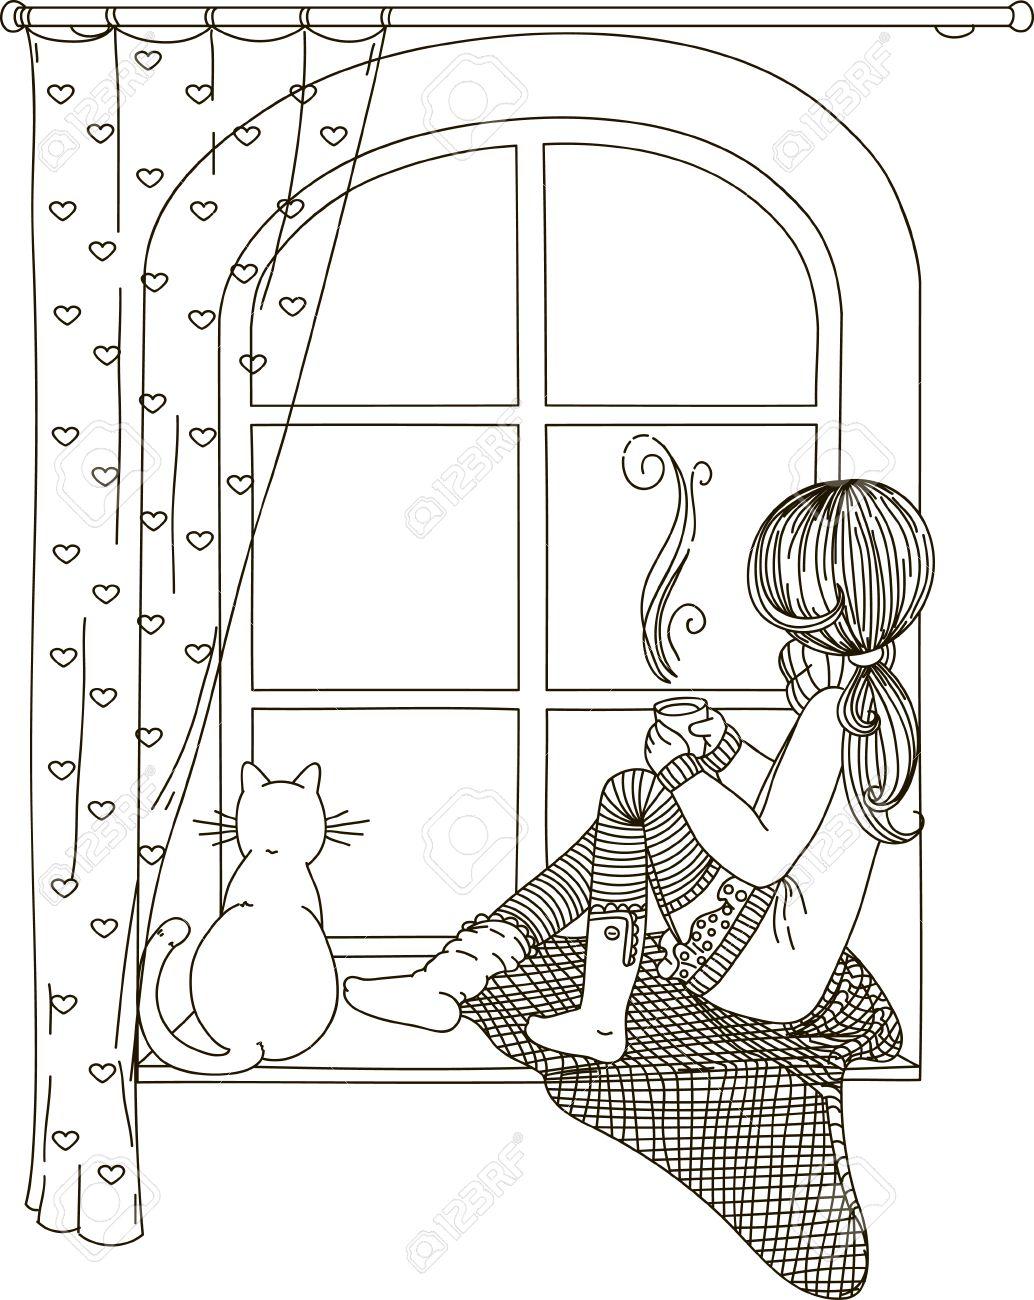 La Jeune Fille Est Assise Sur Le Rebord De La Fenêtre Regardant Par